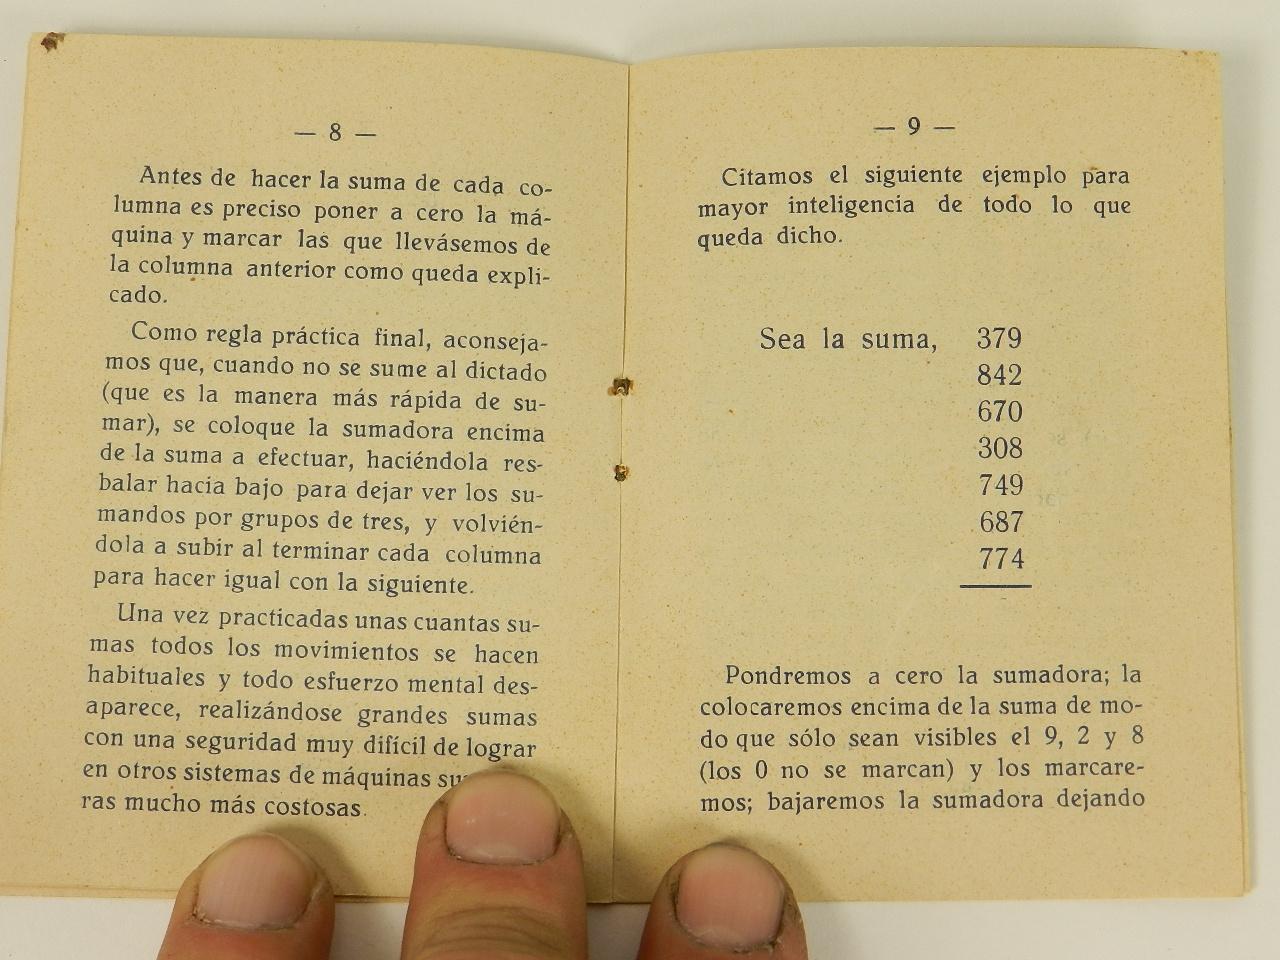 Imagen SUMADORA IFACH  AÑO 1943 27924